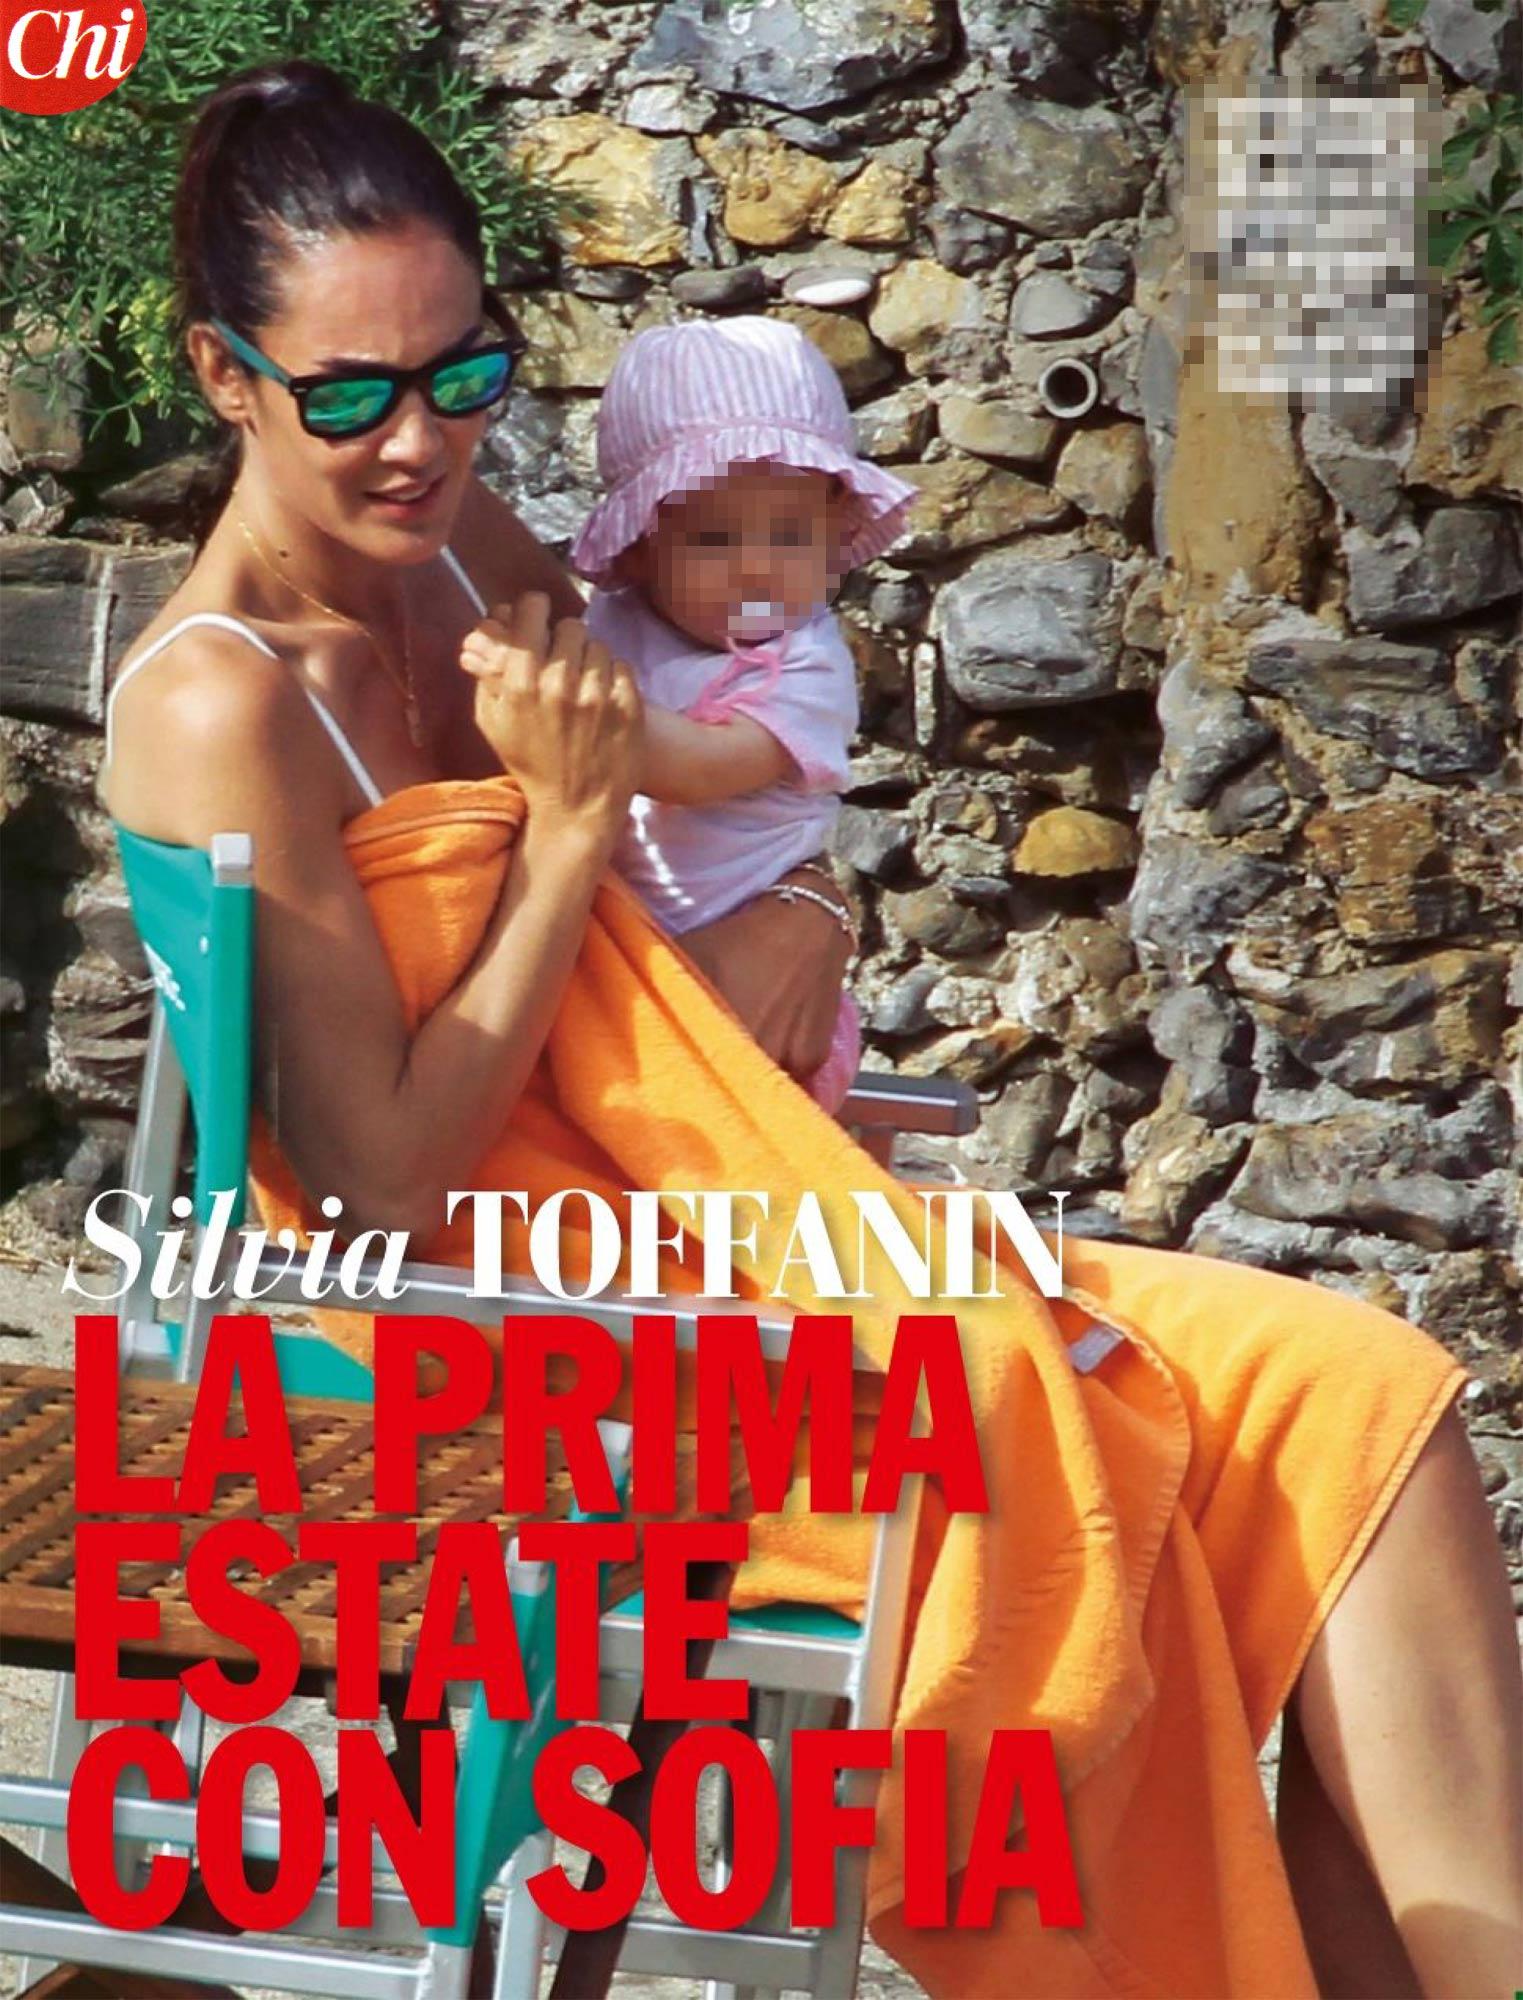 Silvia Toffanin tra mare e famiglia